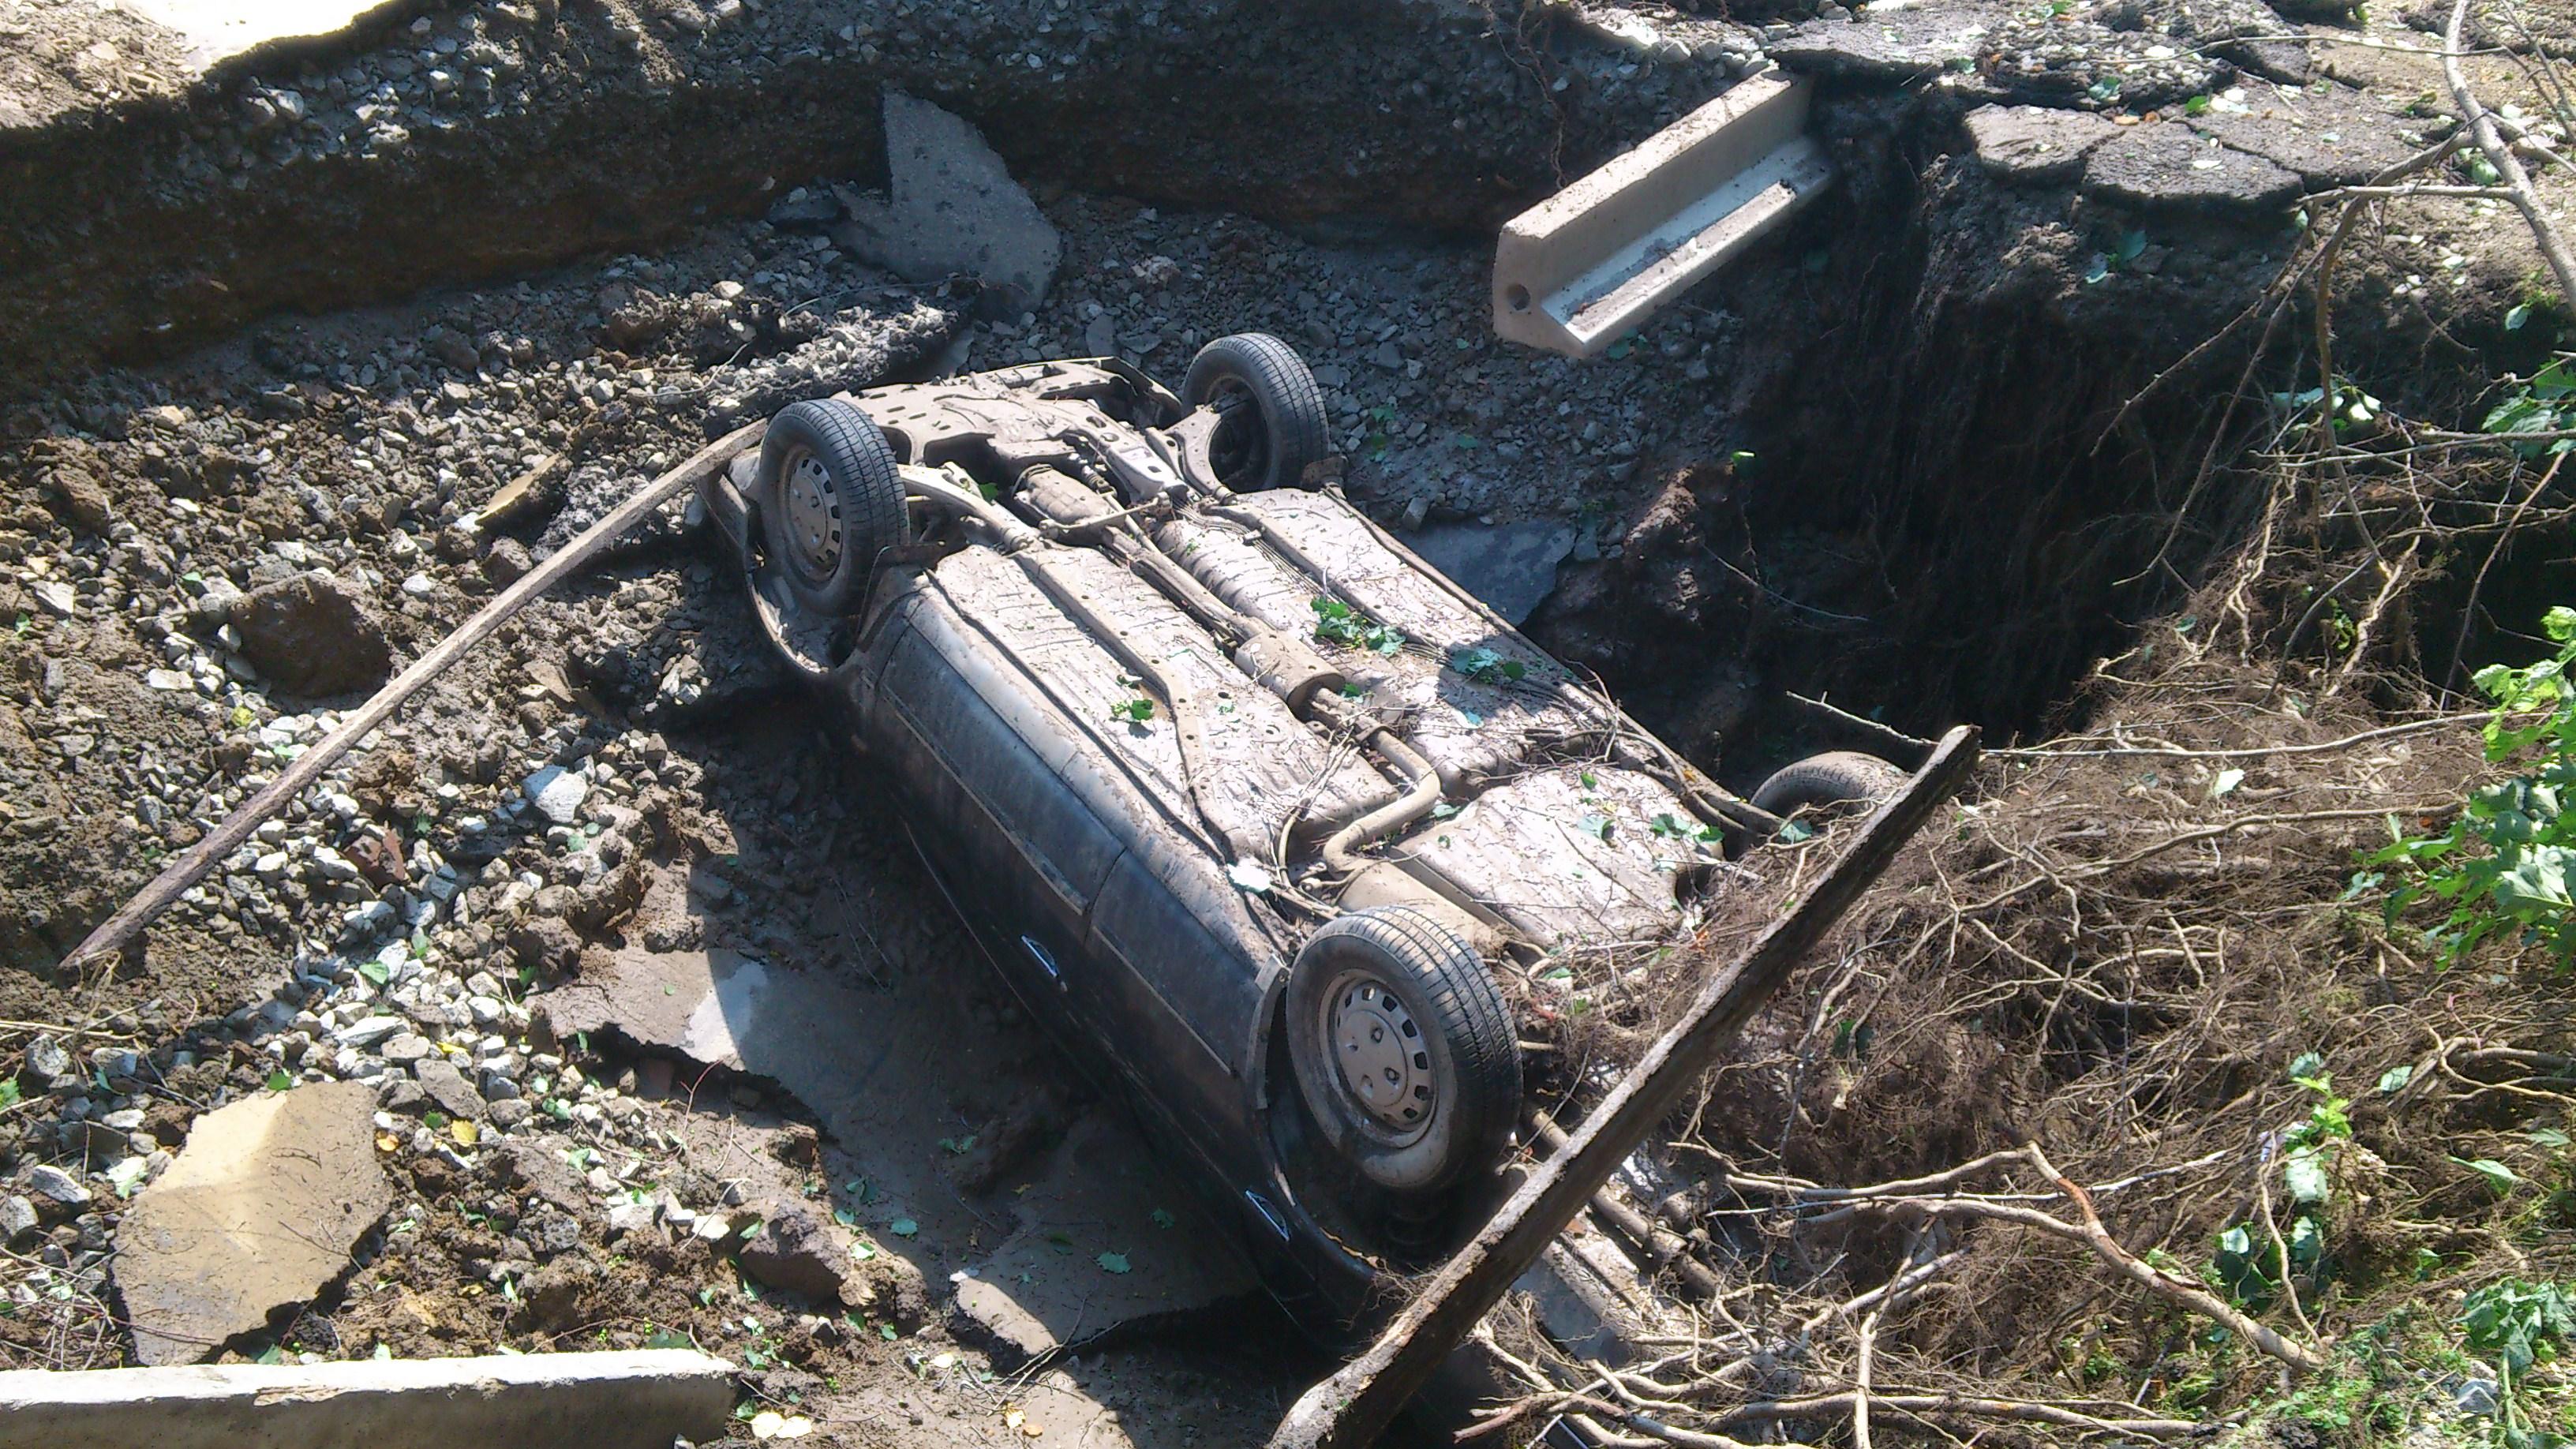 Из-за коммунальной аварии иномарка ушла под землю